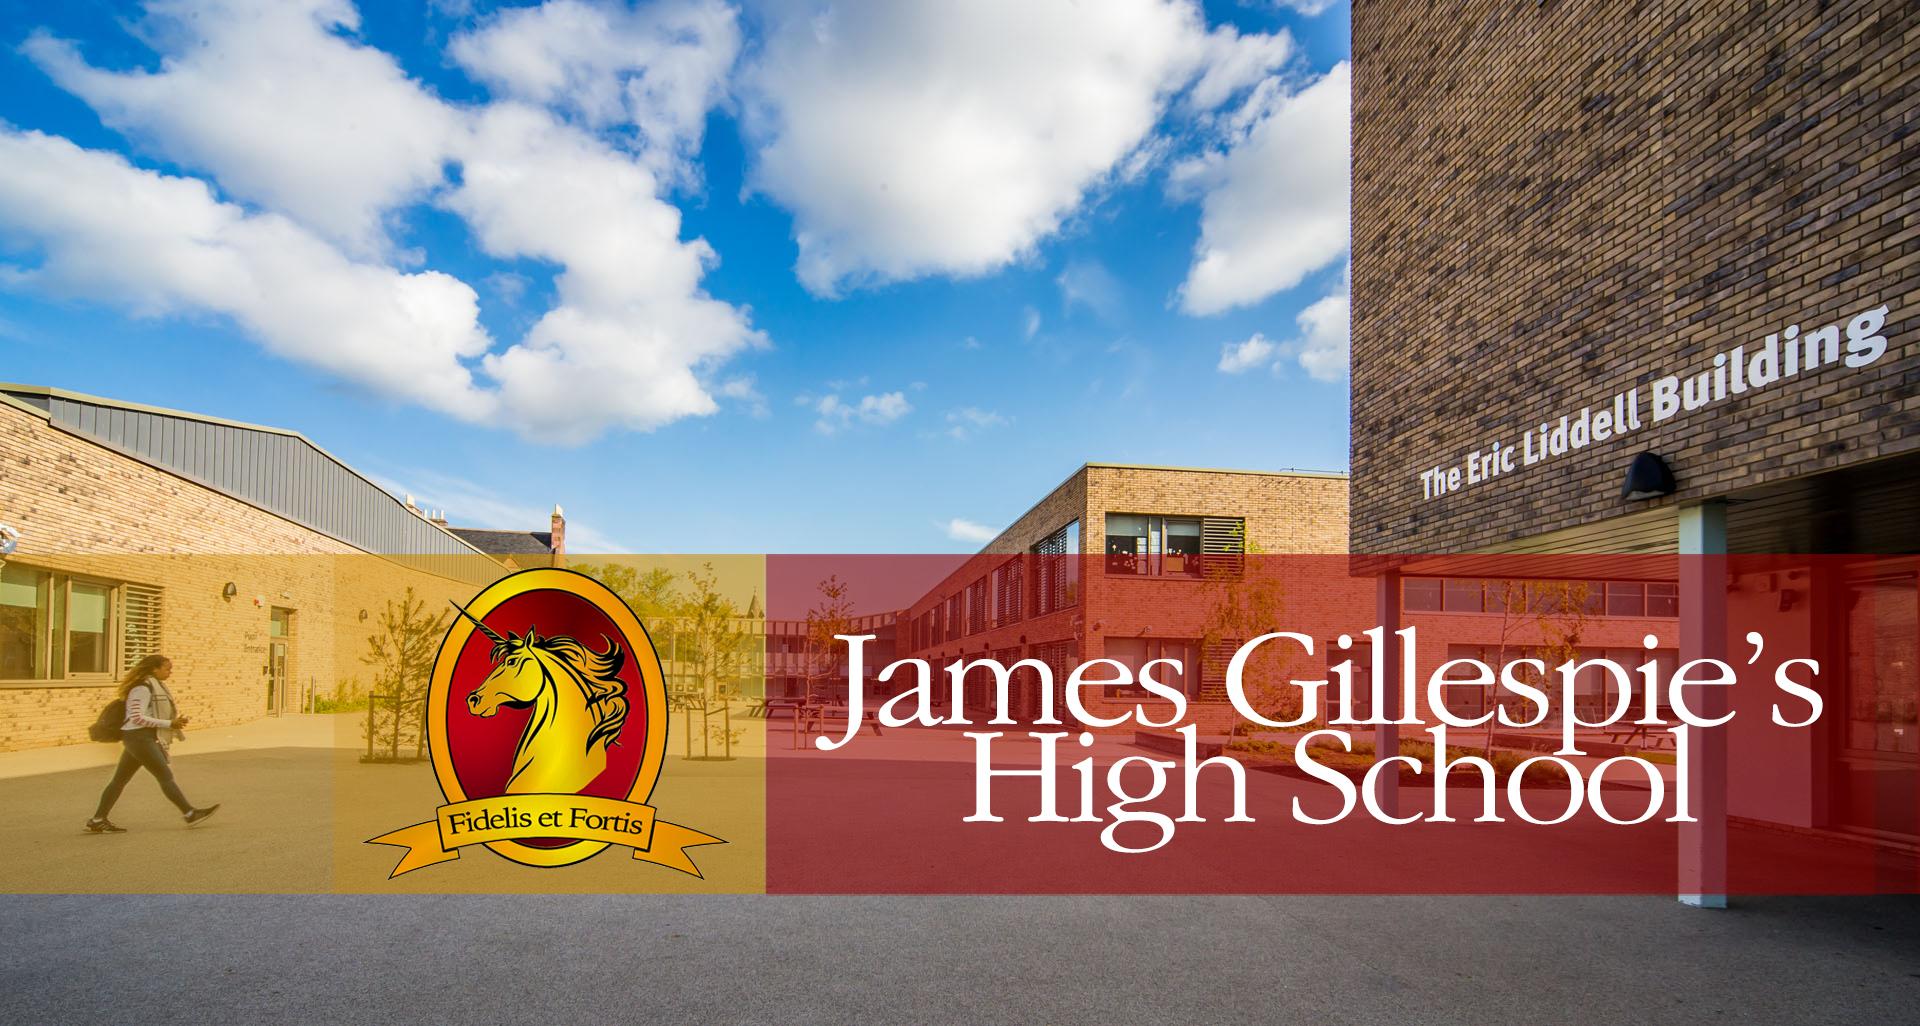 James Gillespies High School